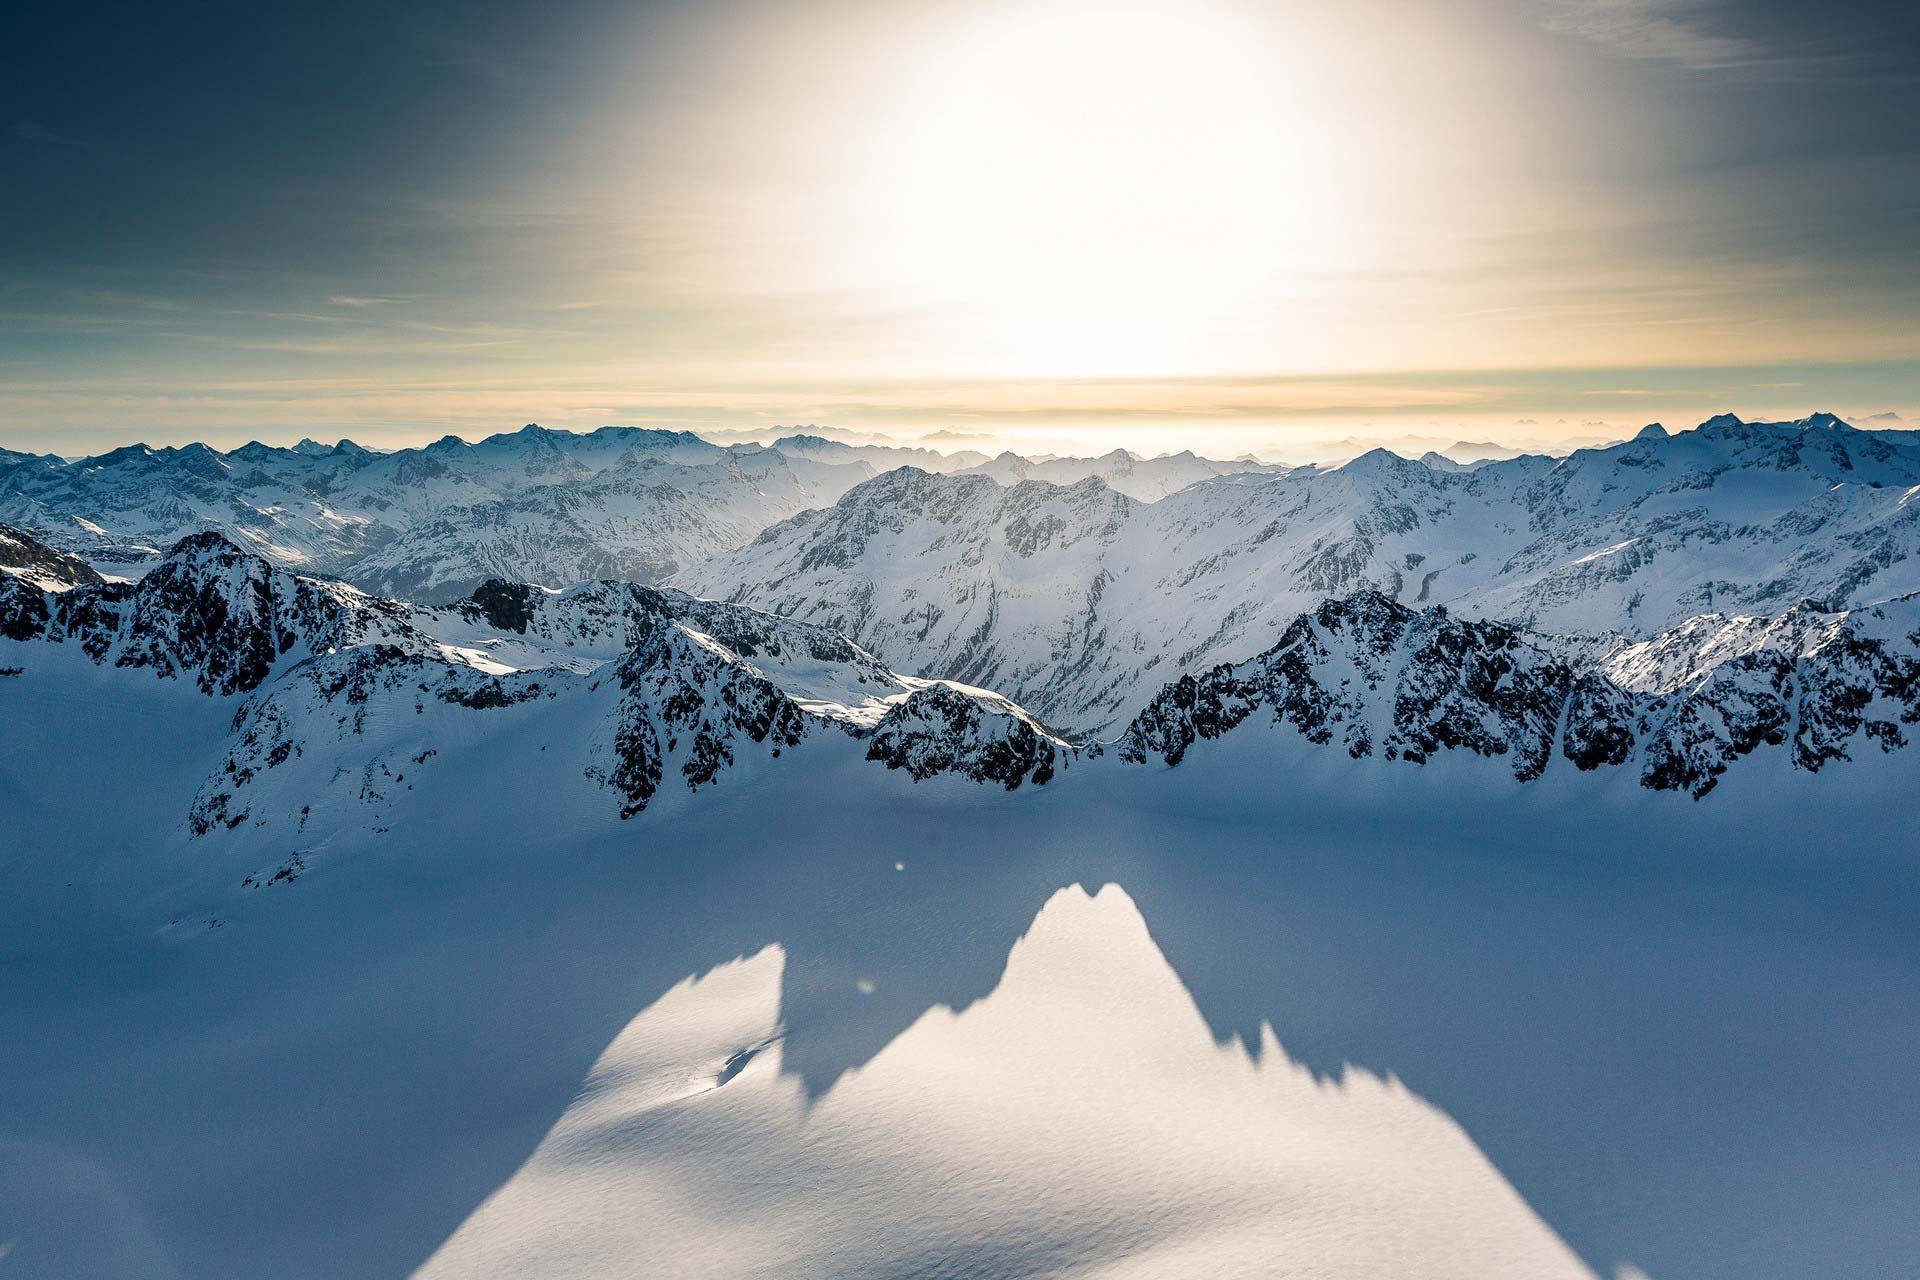 htvgi ltalny Ajnlatok s talnyok Slden / Tirol / Ausztria